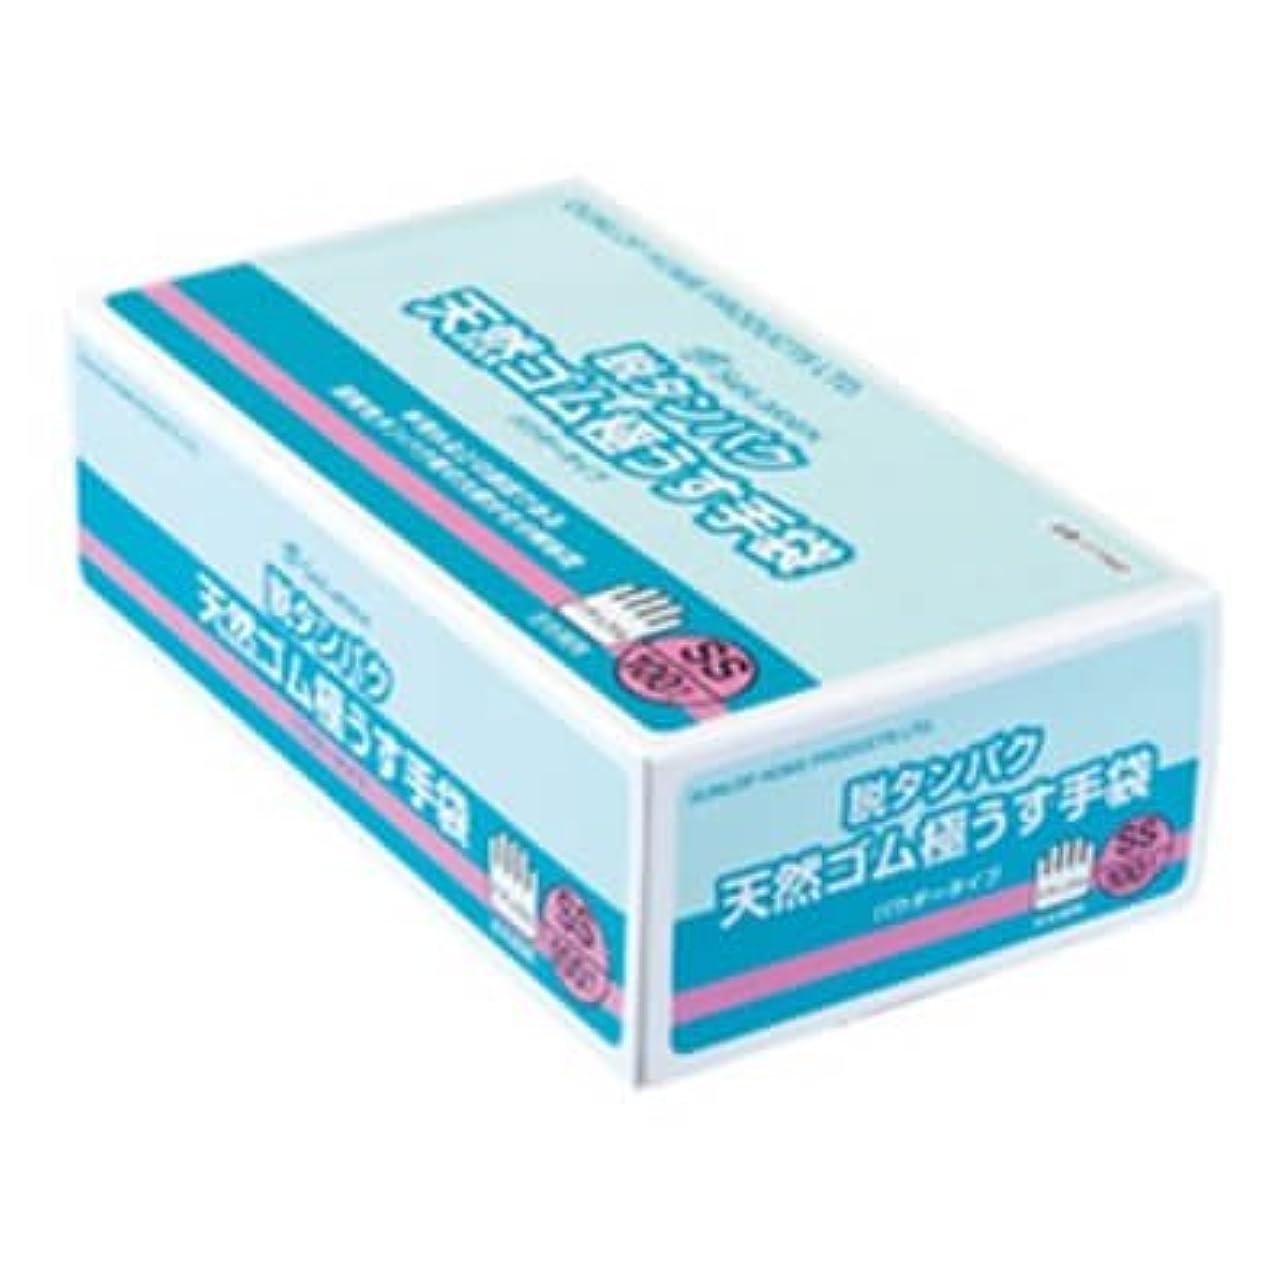 【ケース販売】 ダンロップ 脱タンパク天然ゴム極うす手袋 SS ナチュラル (100枚入×20箱)